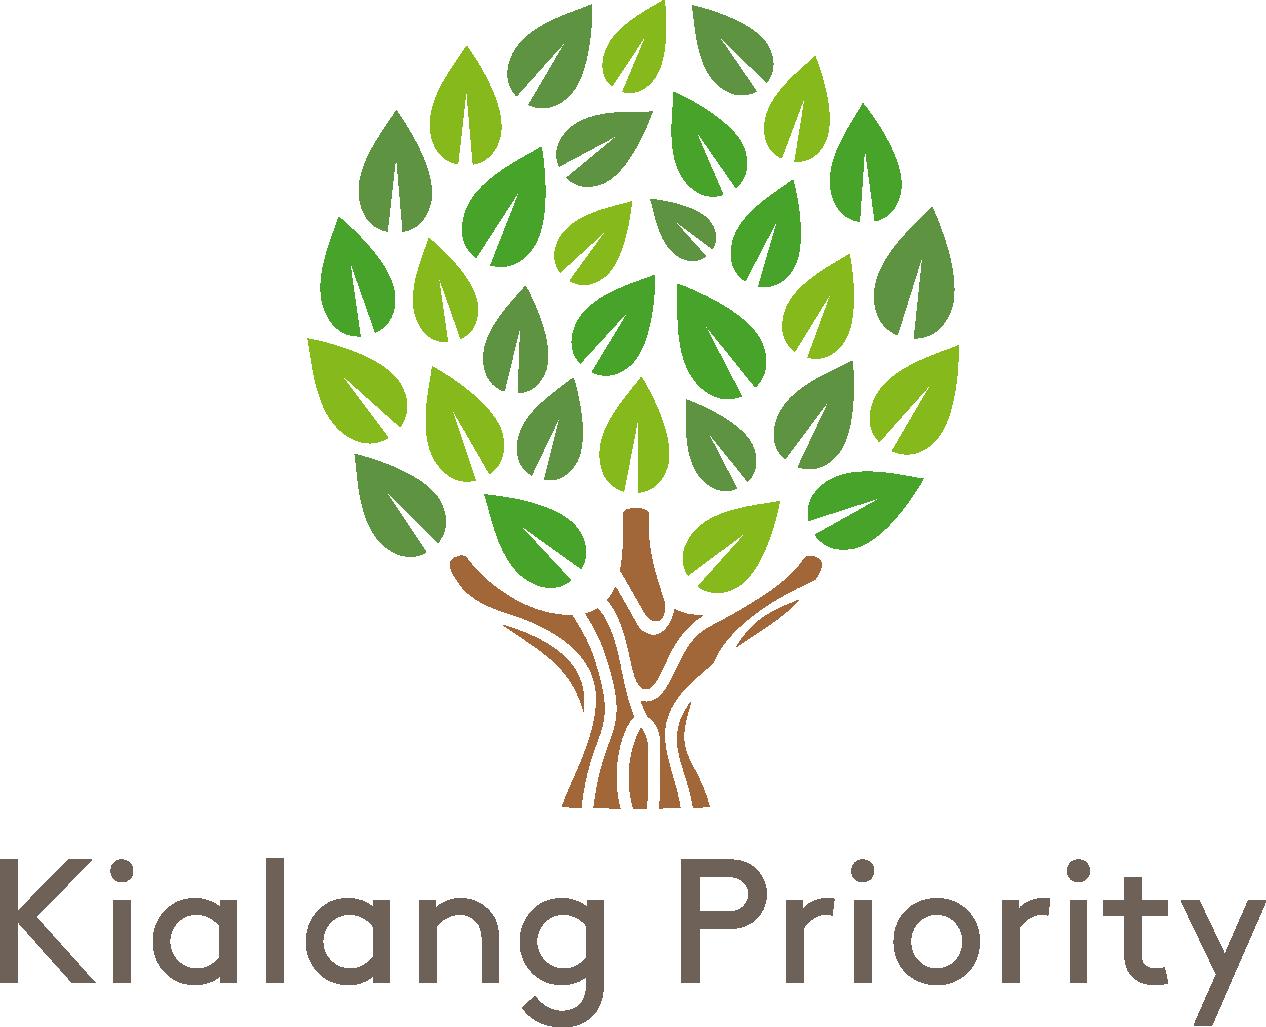 Kialang Priority, S.l.